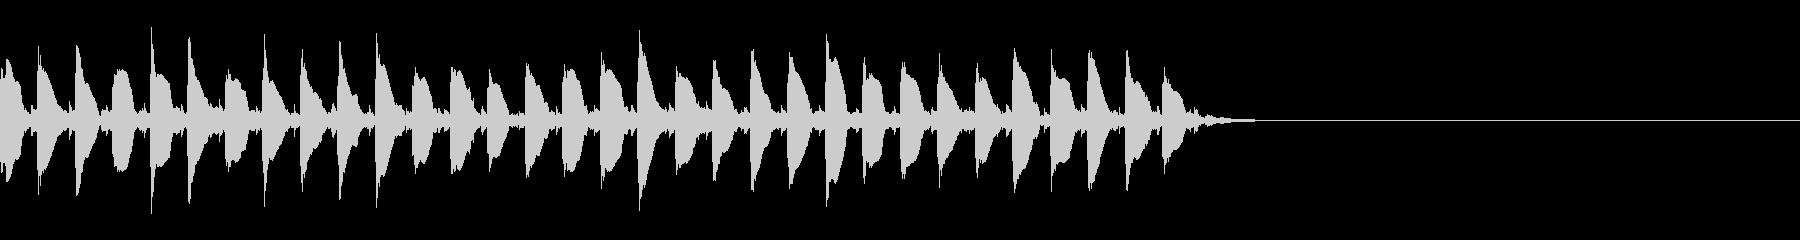 (話す、テキスト表示)長めA03の未再生の波形